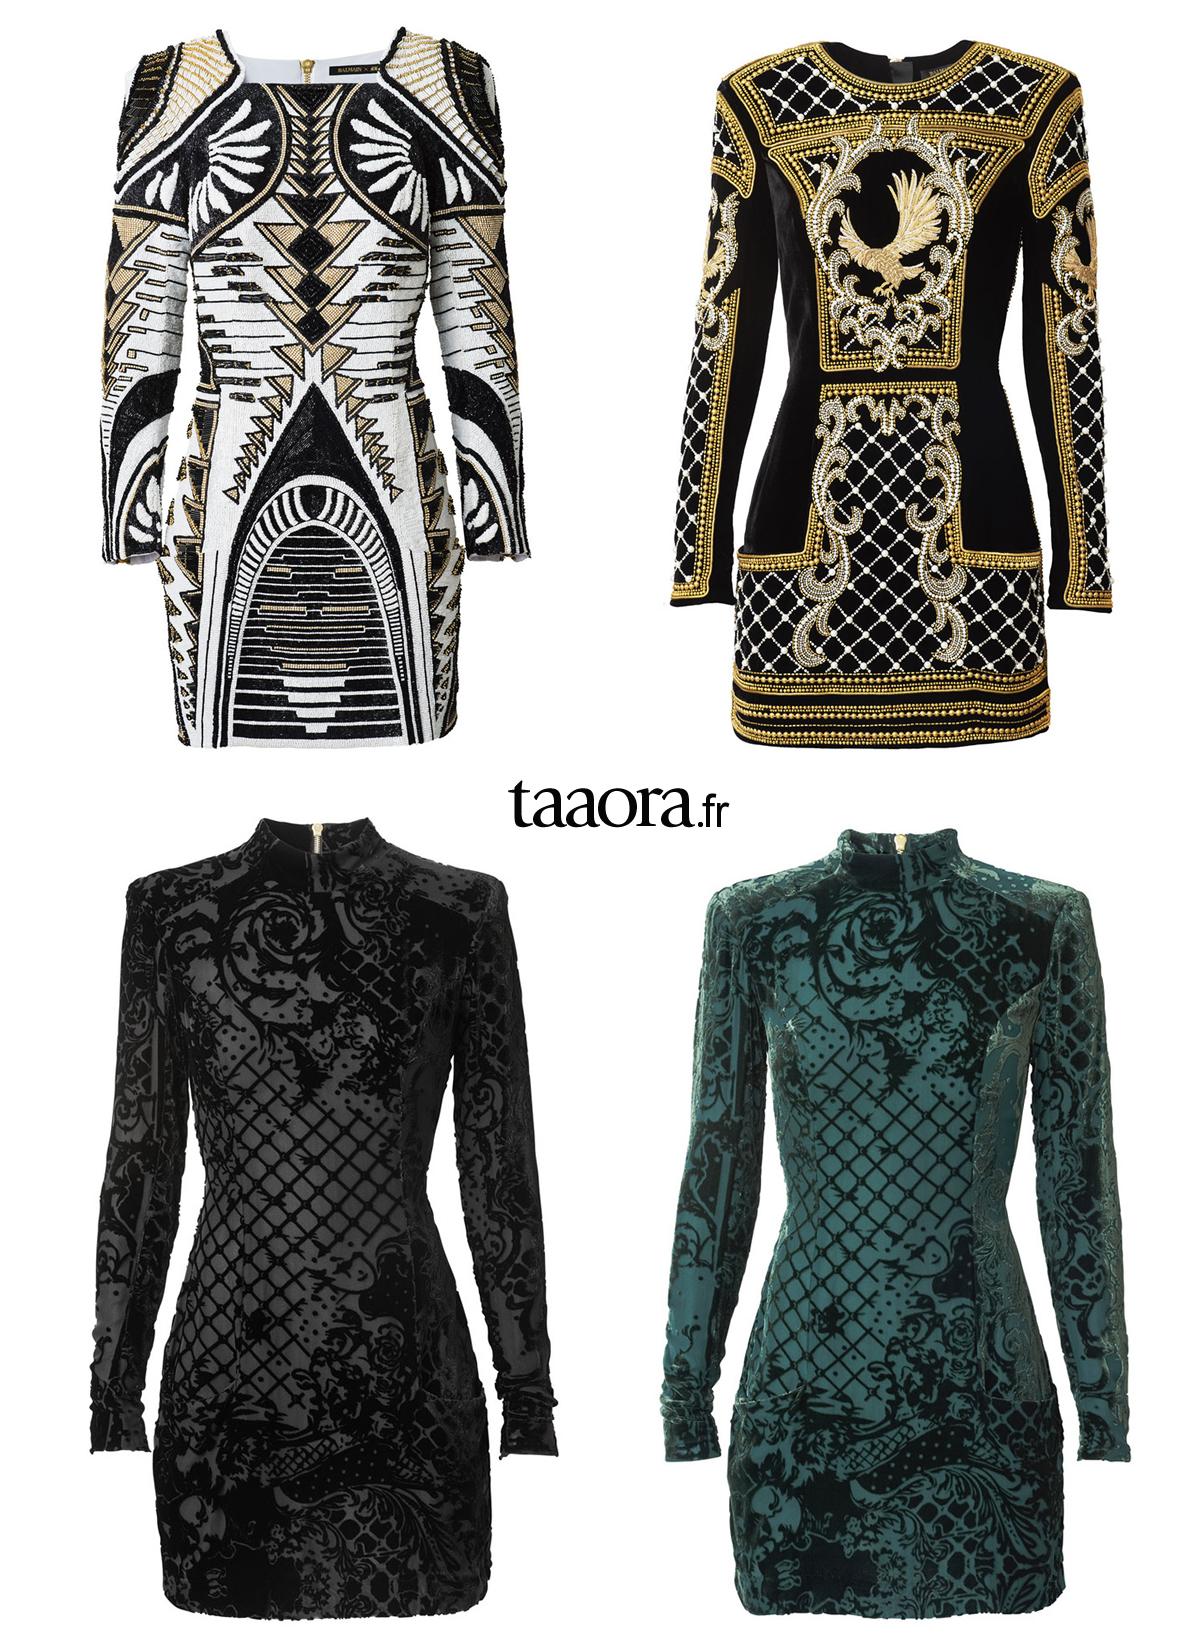 robes l gantes france robe noir et doree h m. Black Bedroom Furniture Sets. Home Design Ideas